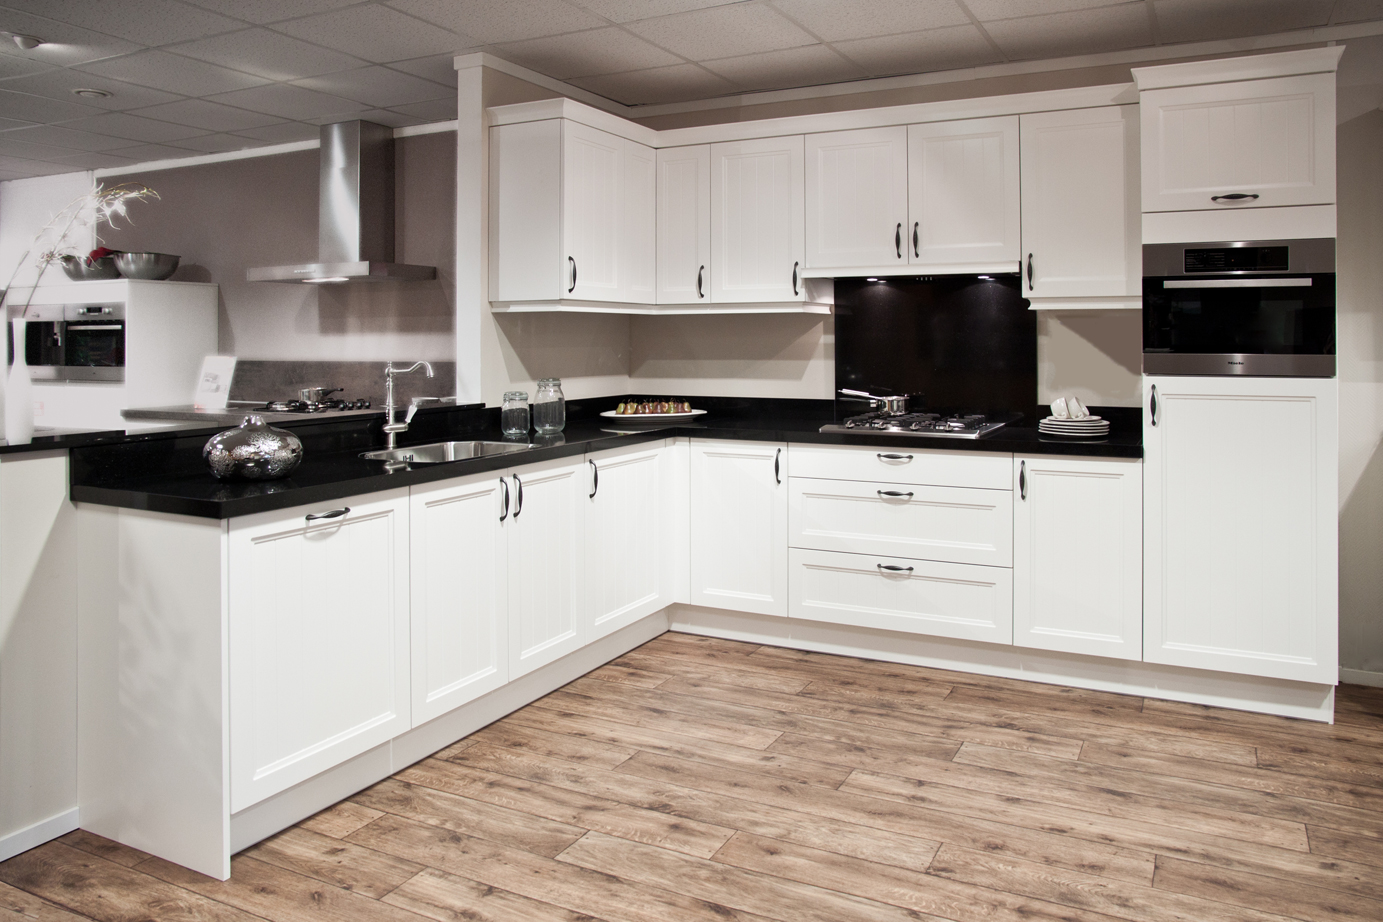 Keukens Met Miele Apparatuur : Witte keuken Met apparatuur van Miele DB Keukens